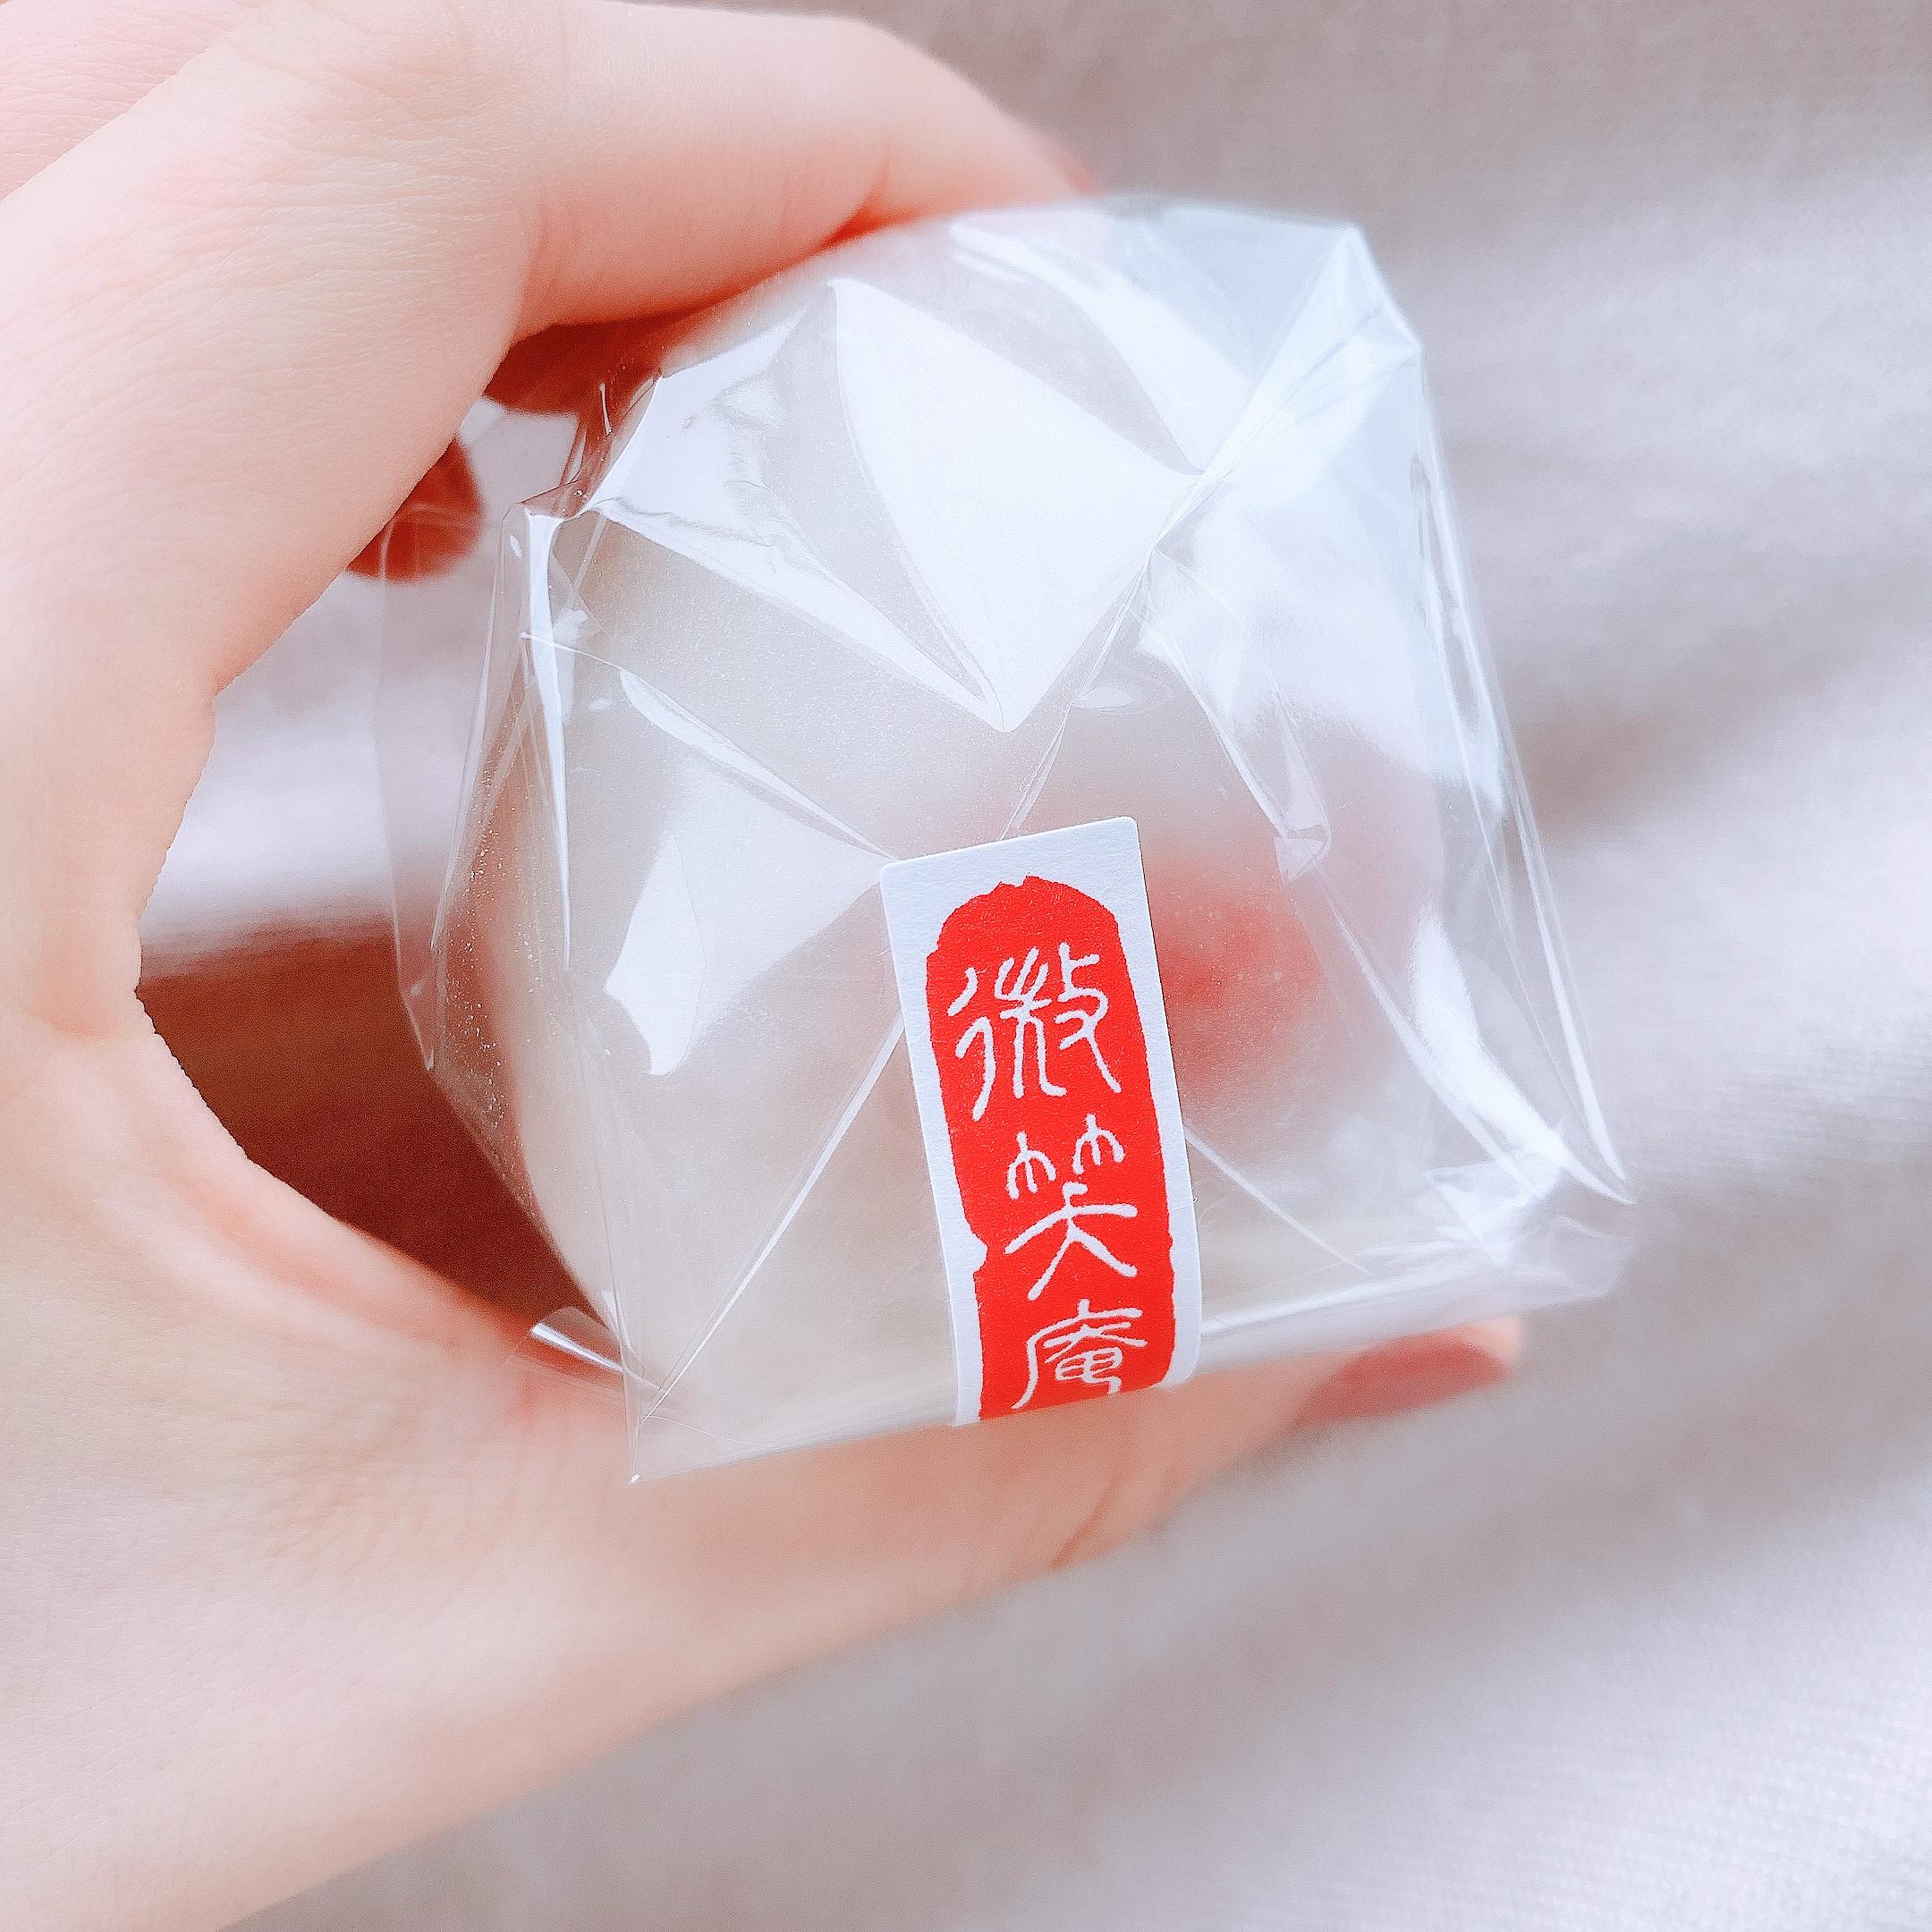 【群馬】季節限定!大粒高糖度極上品のやよいひめを使った苺大福「微笑庵」ちごもちが美味しすぎる!?_3